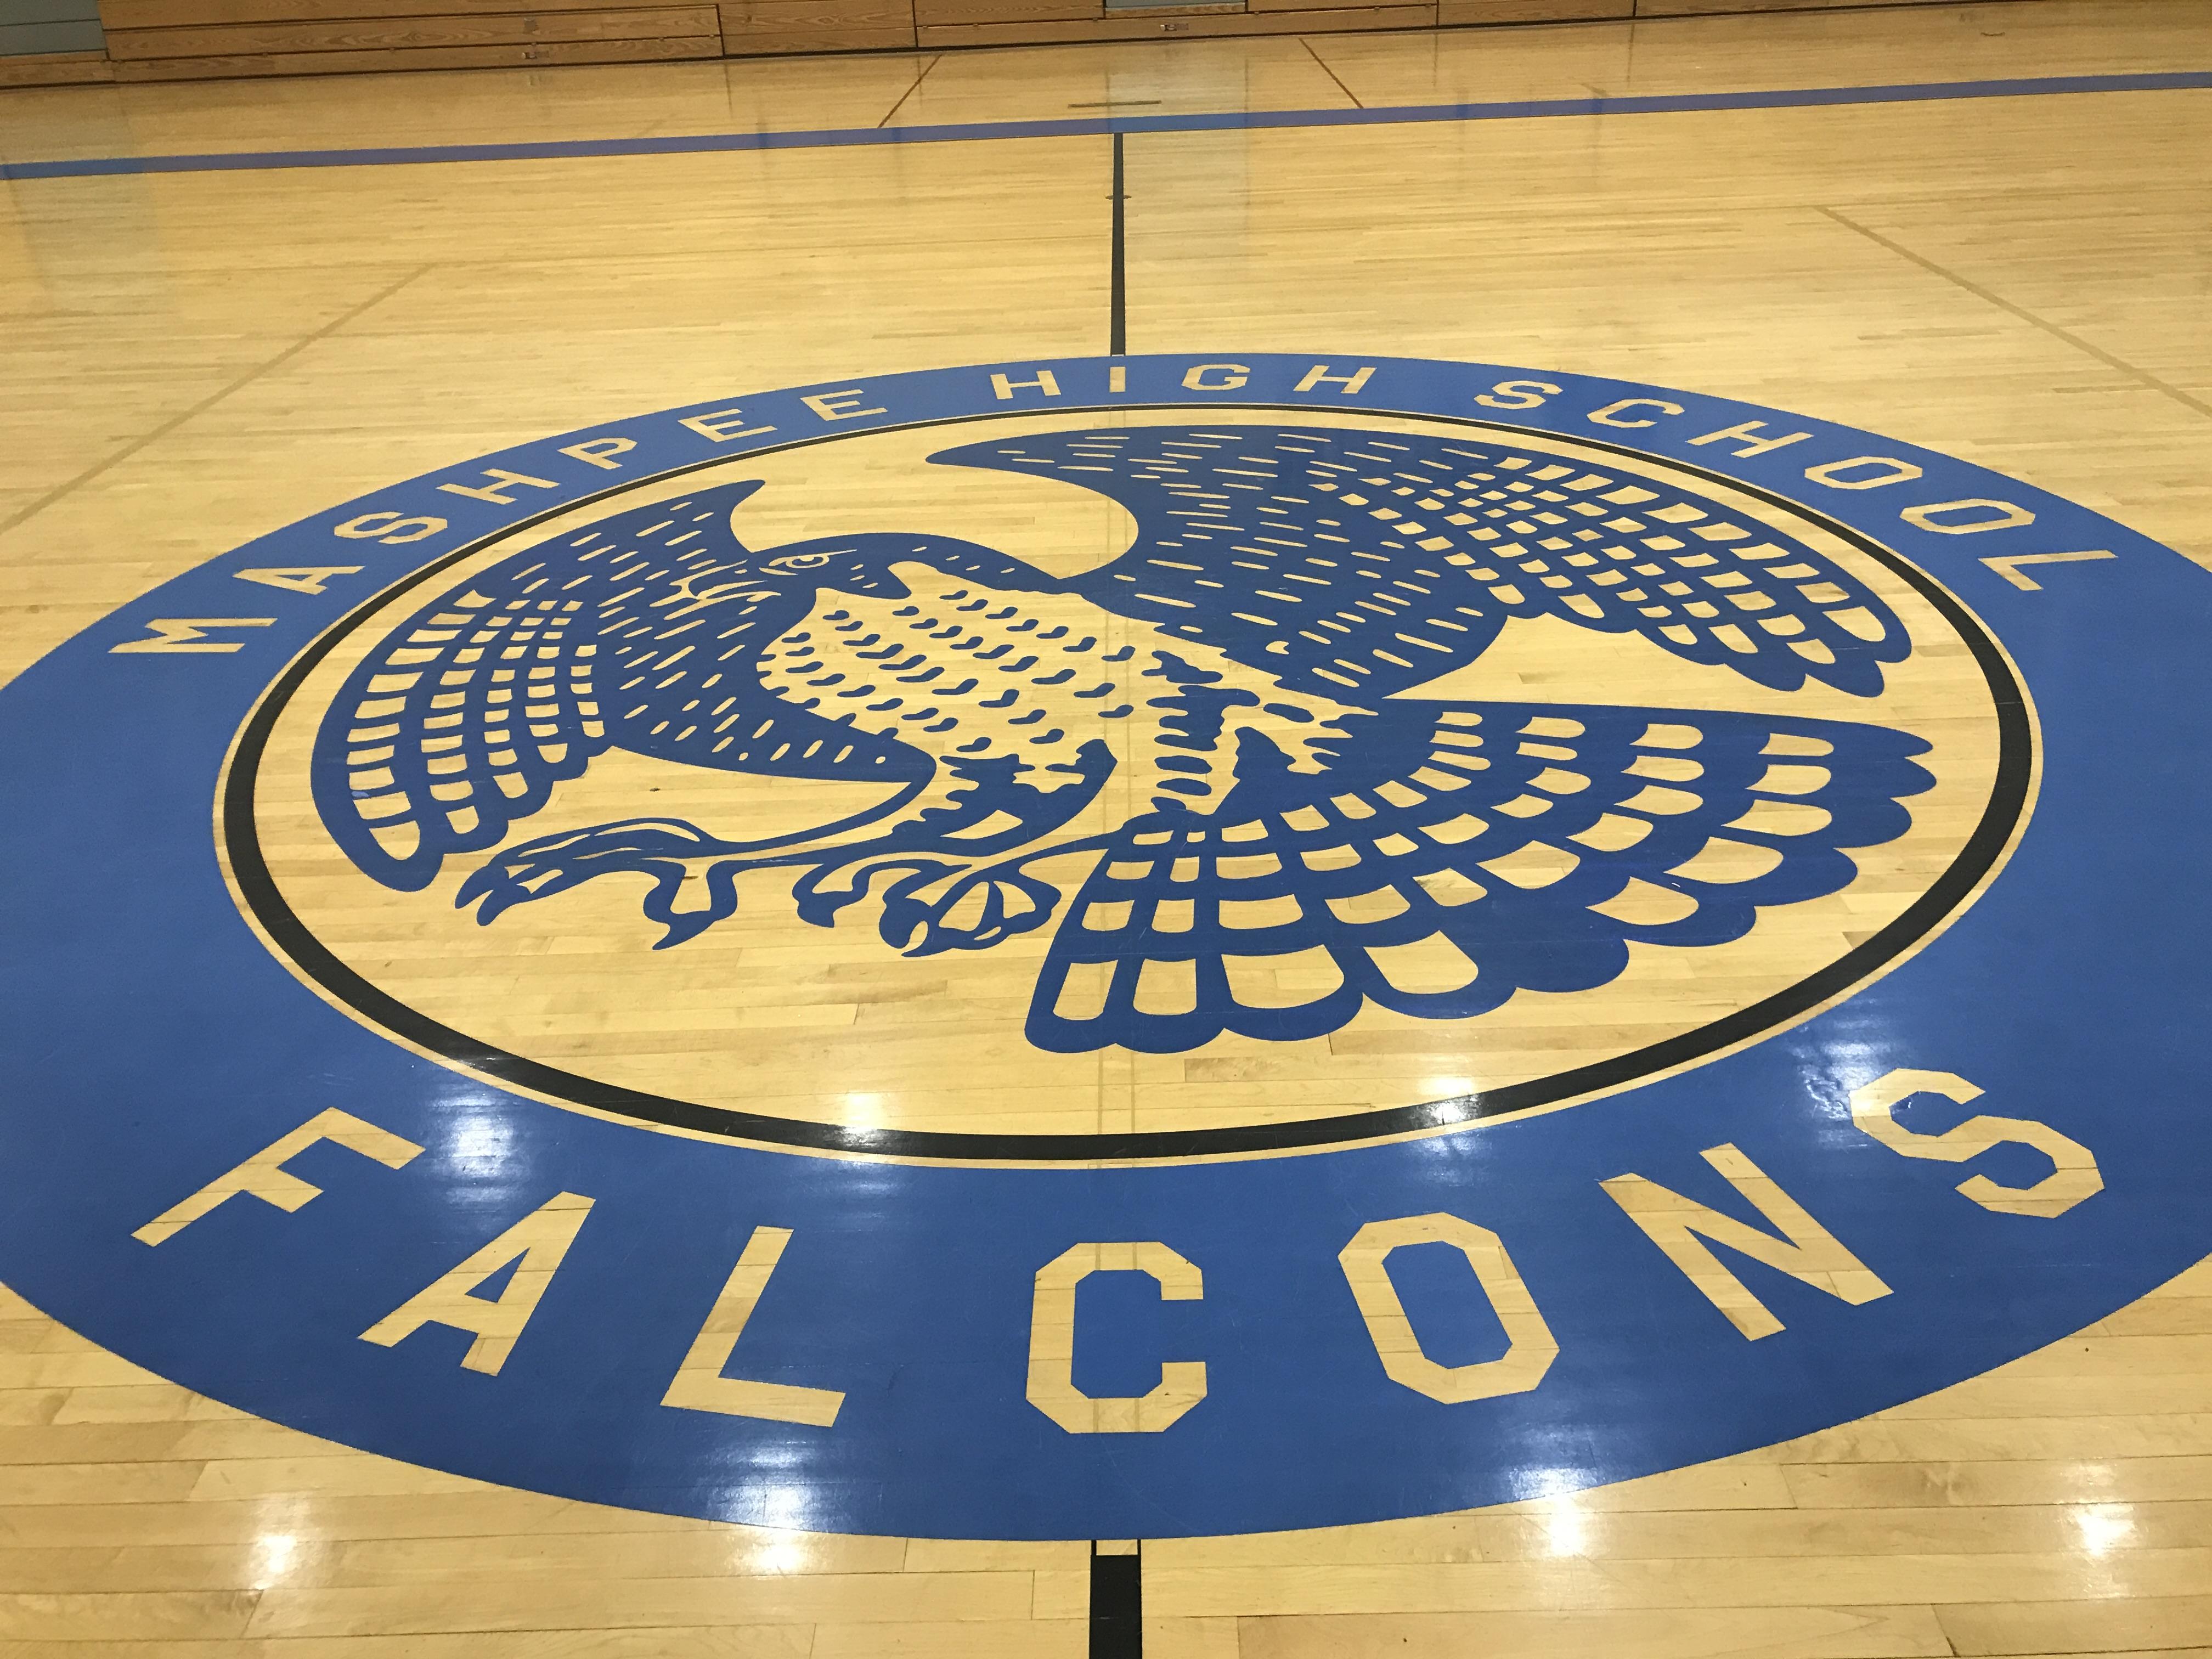 Logo - Falcon - Mashpee High School - Mashpee MA.JPG